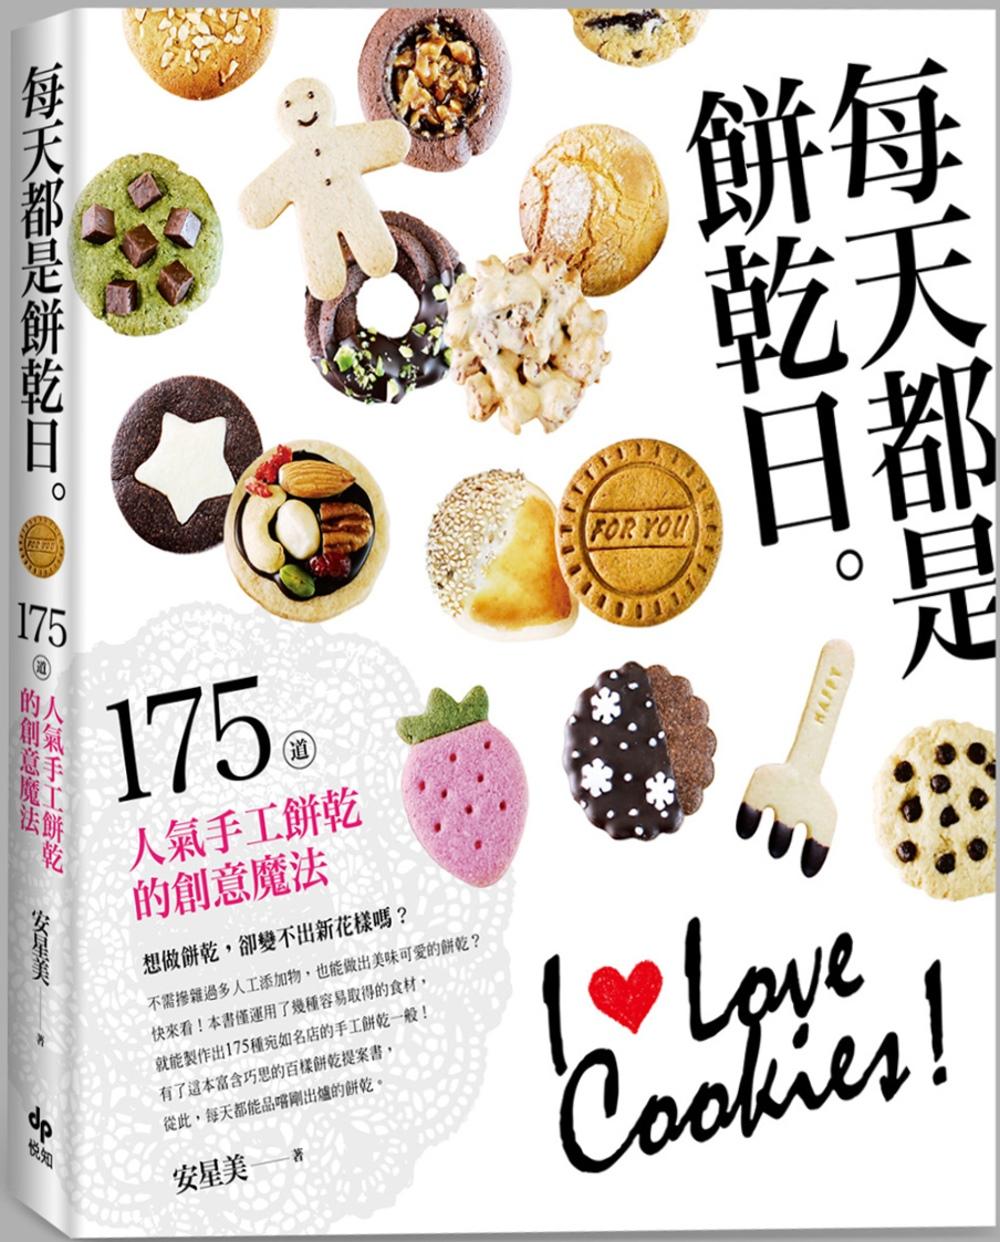 每天都是餅乾日。175道人氣手工餅乾的創意魔法